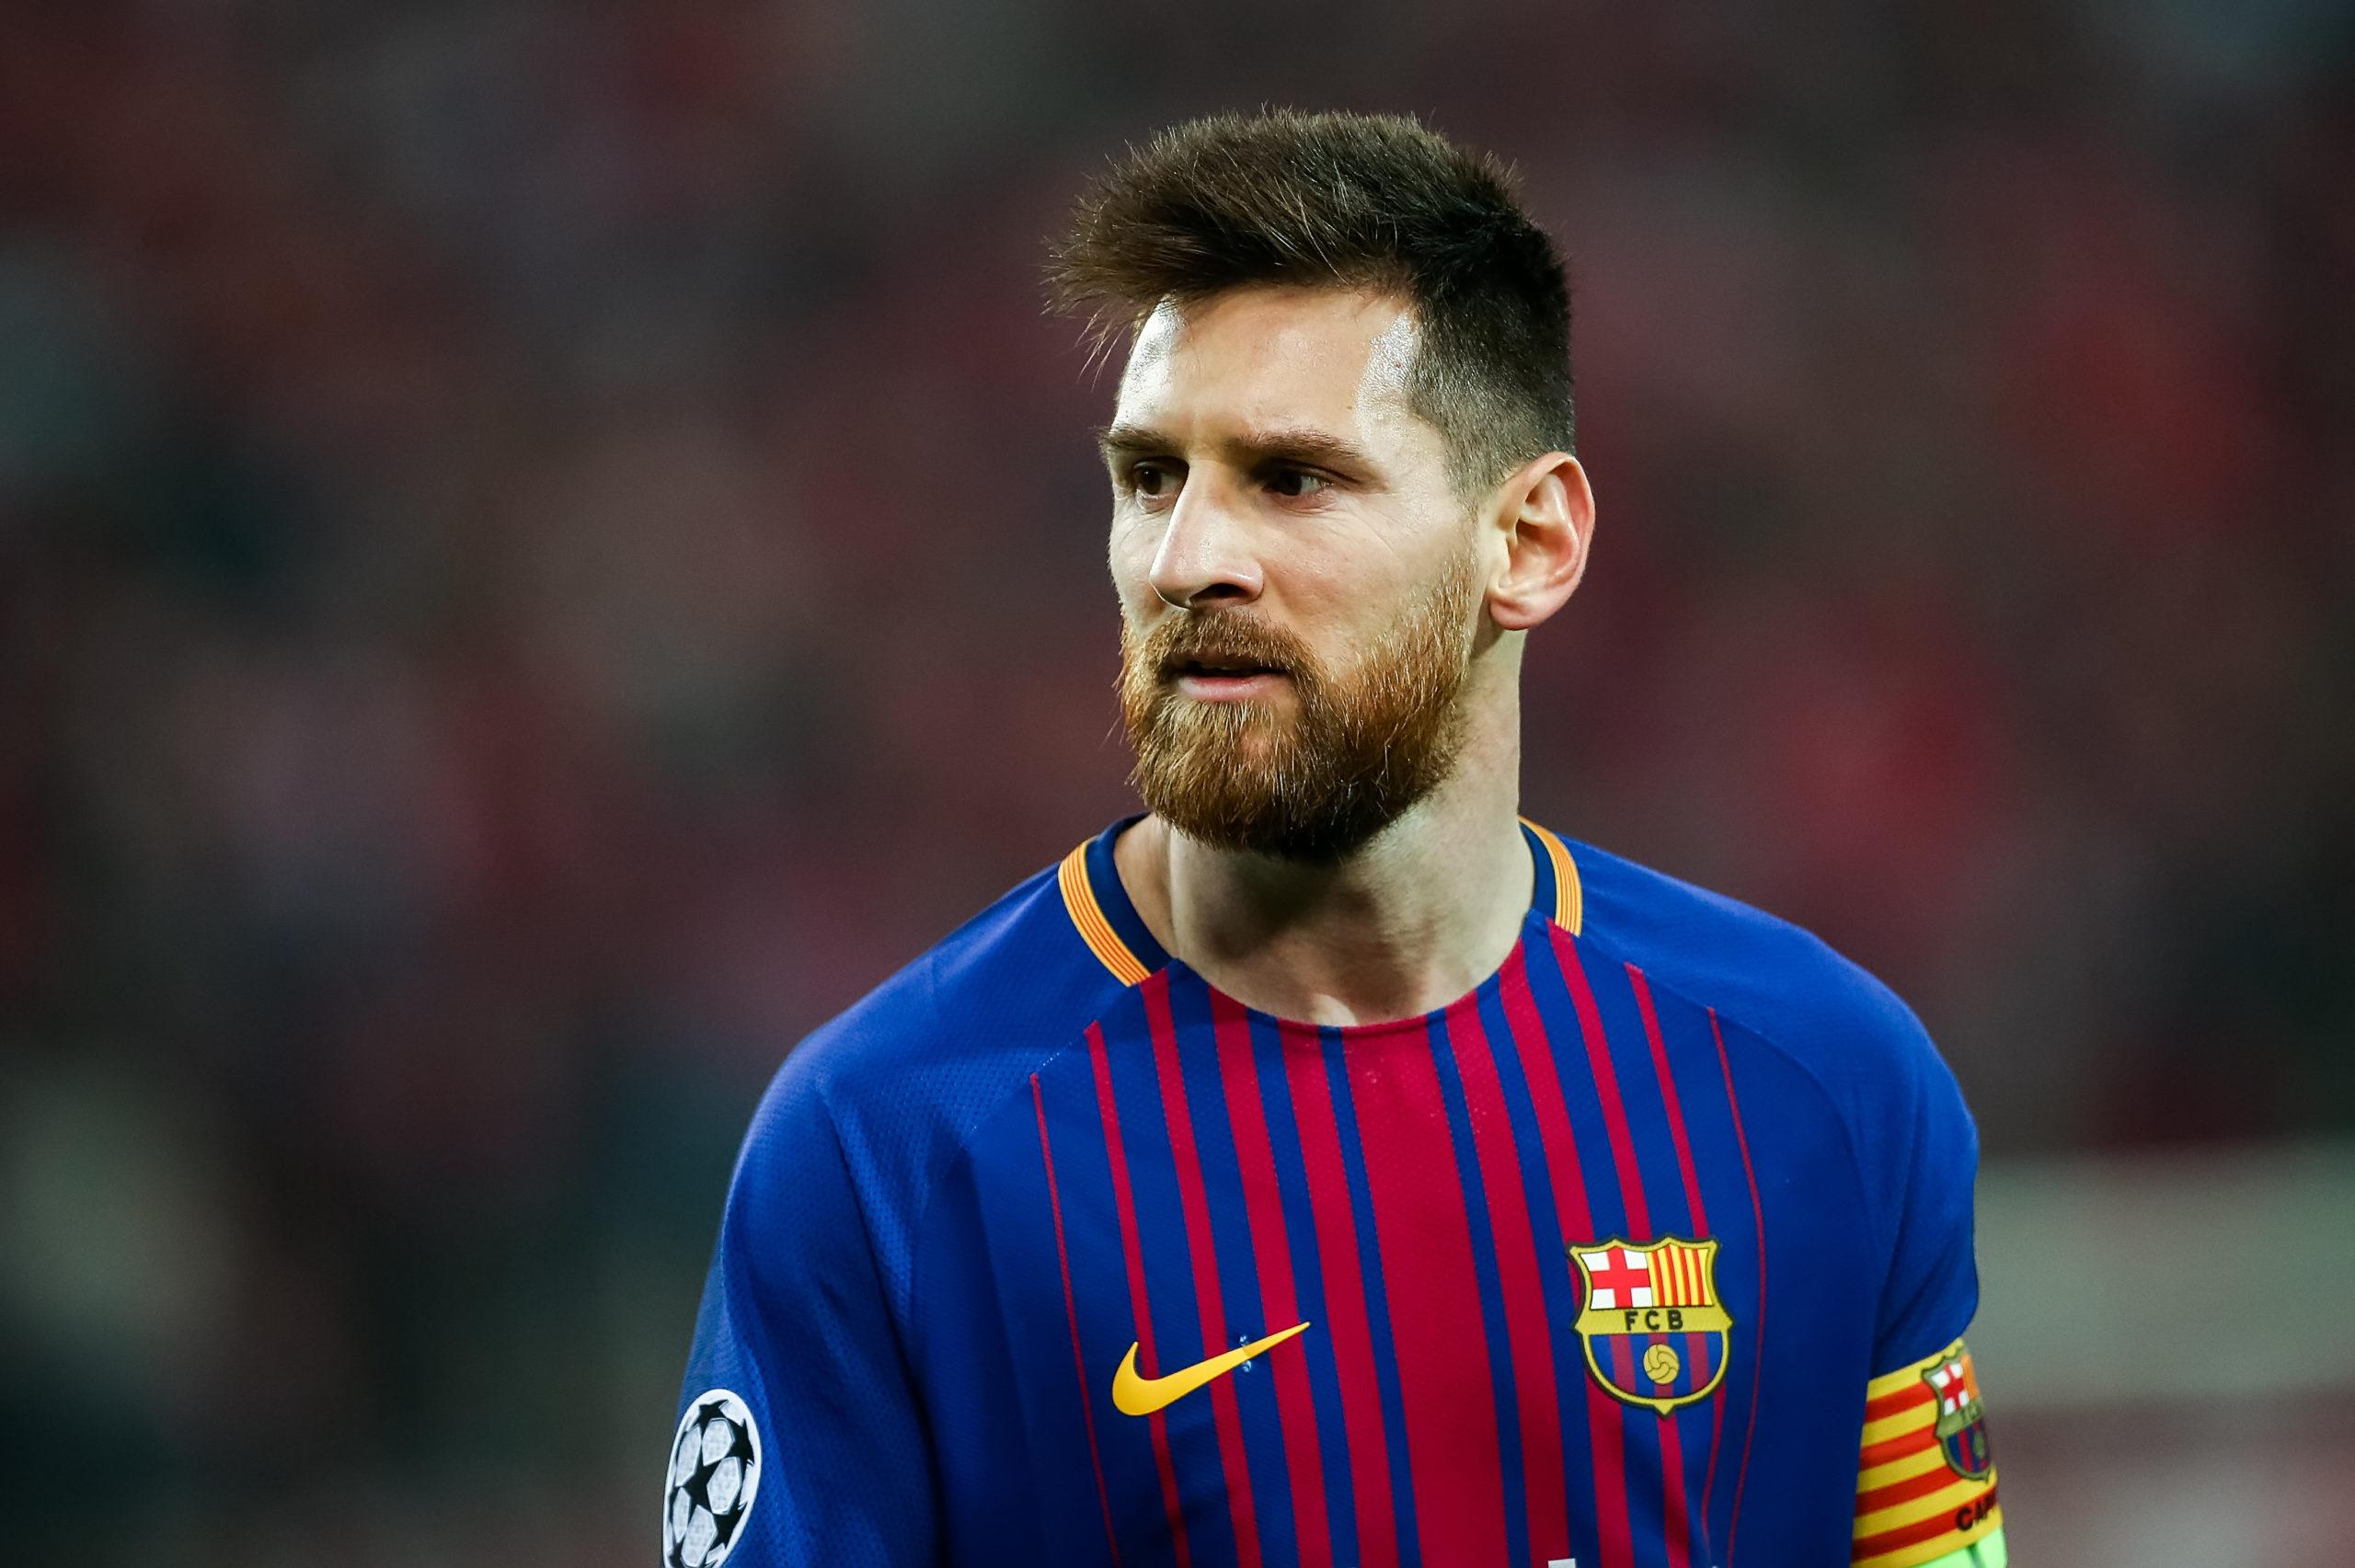 """Messi se queda: """"Voy a seguir en el Barça y mi actitud no va a cambiar por más que me haya querido ir. Voy a dar lo mejor"""""""